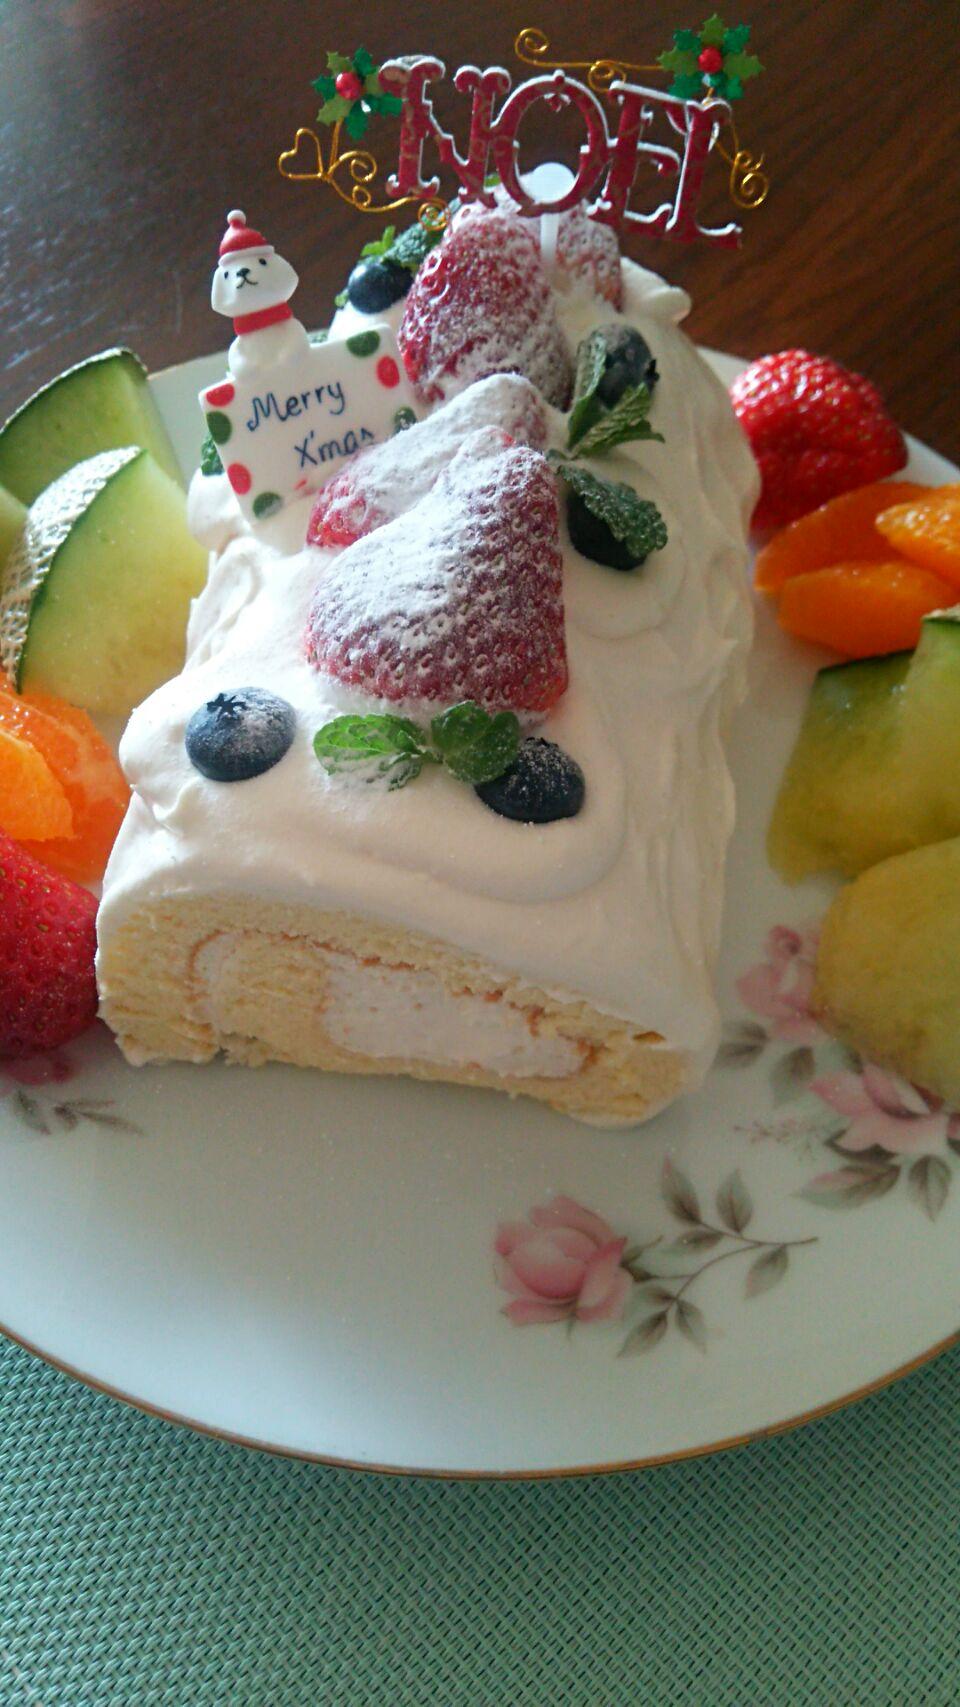 久しぶりなシフォンロールケーキ。